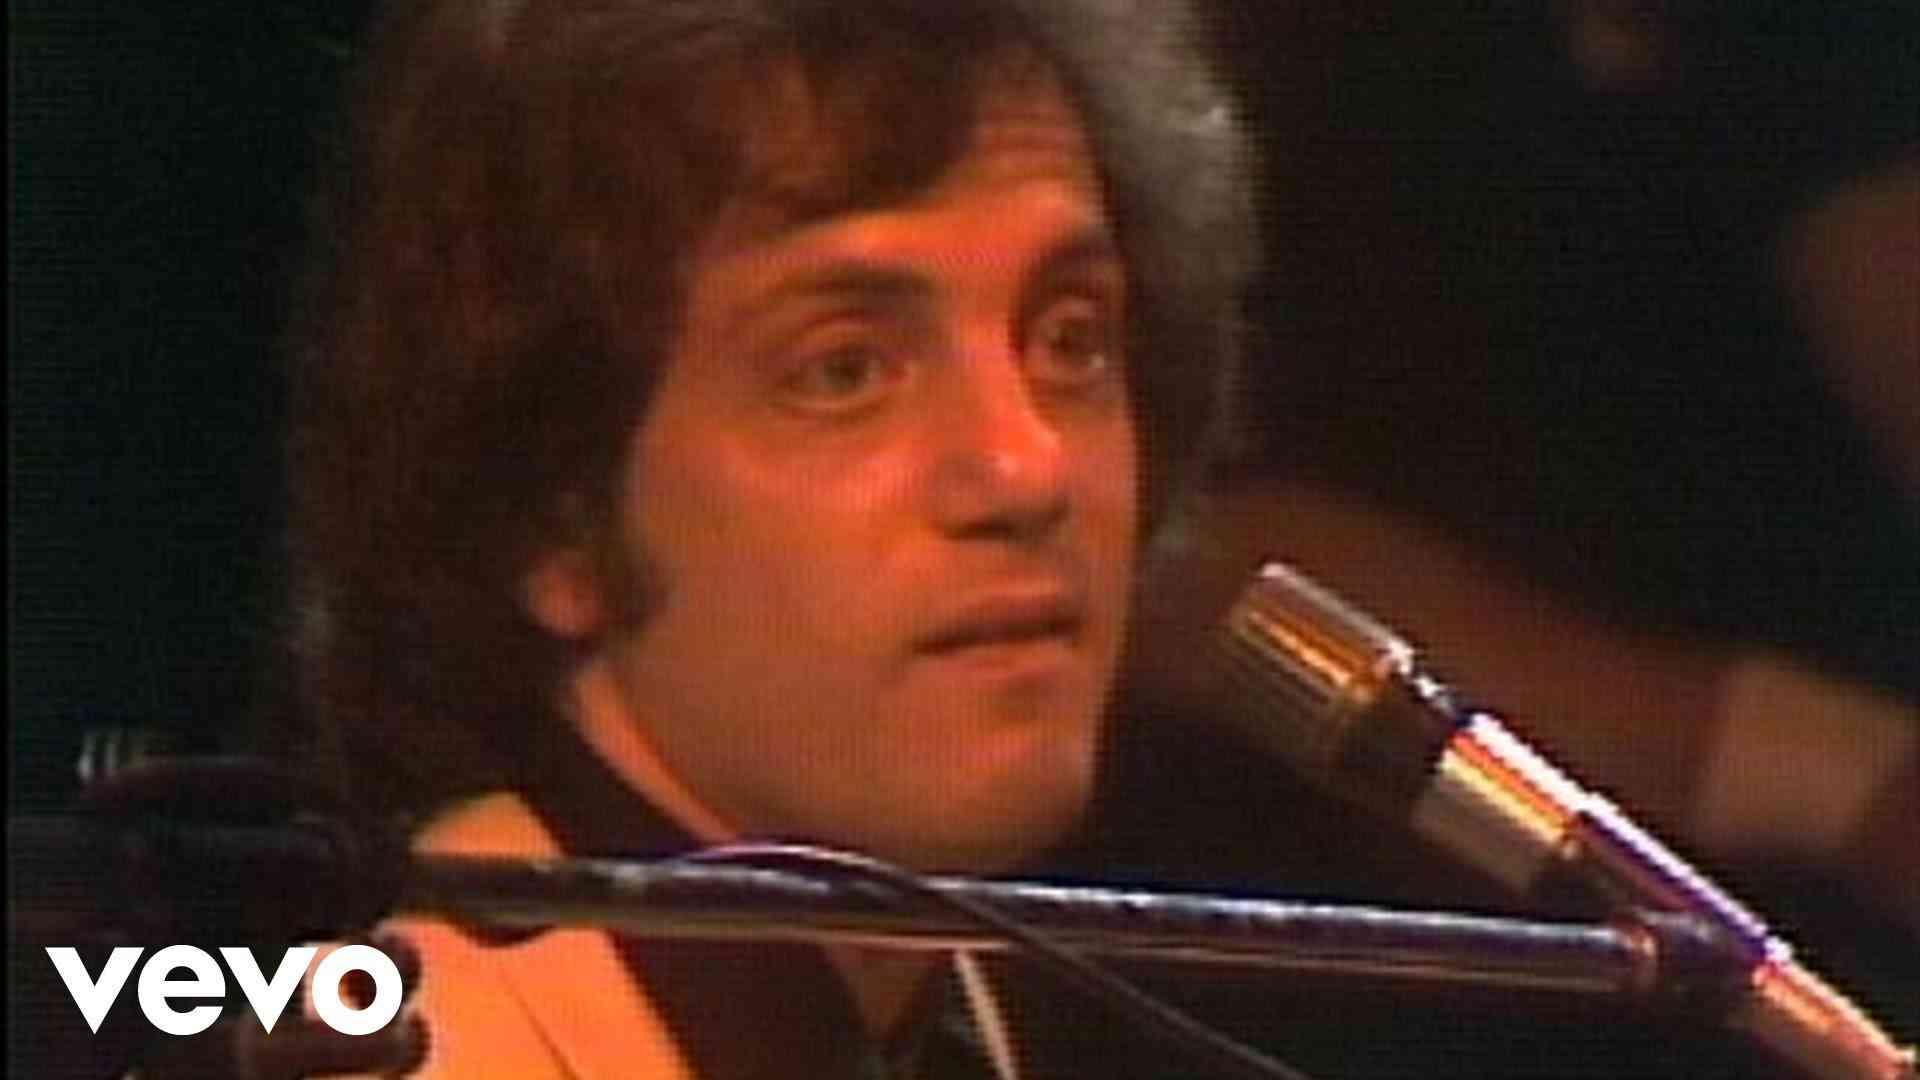 Billy Joel - The Stranger (Live 1977) - YouTube